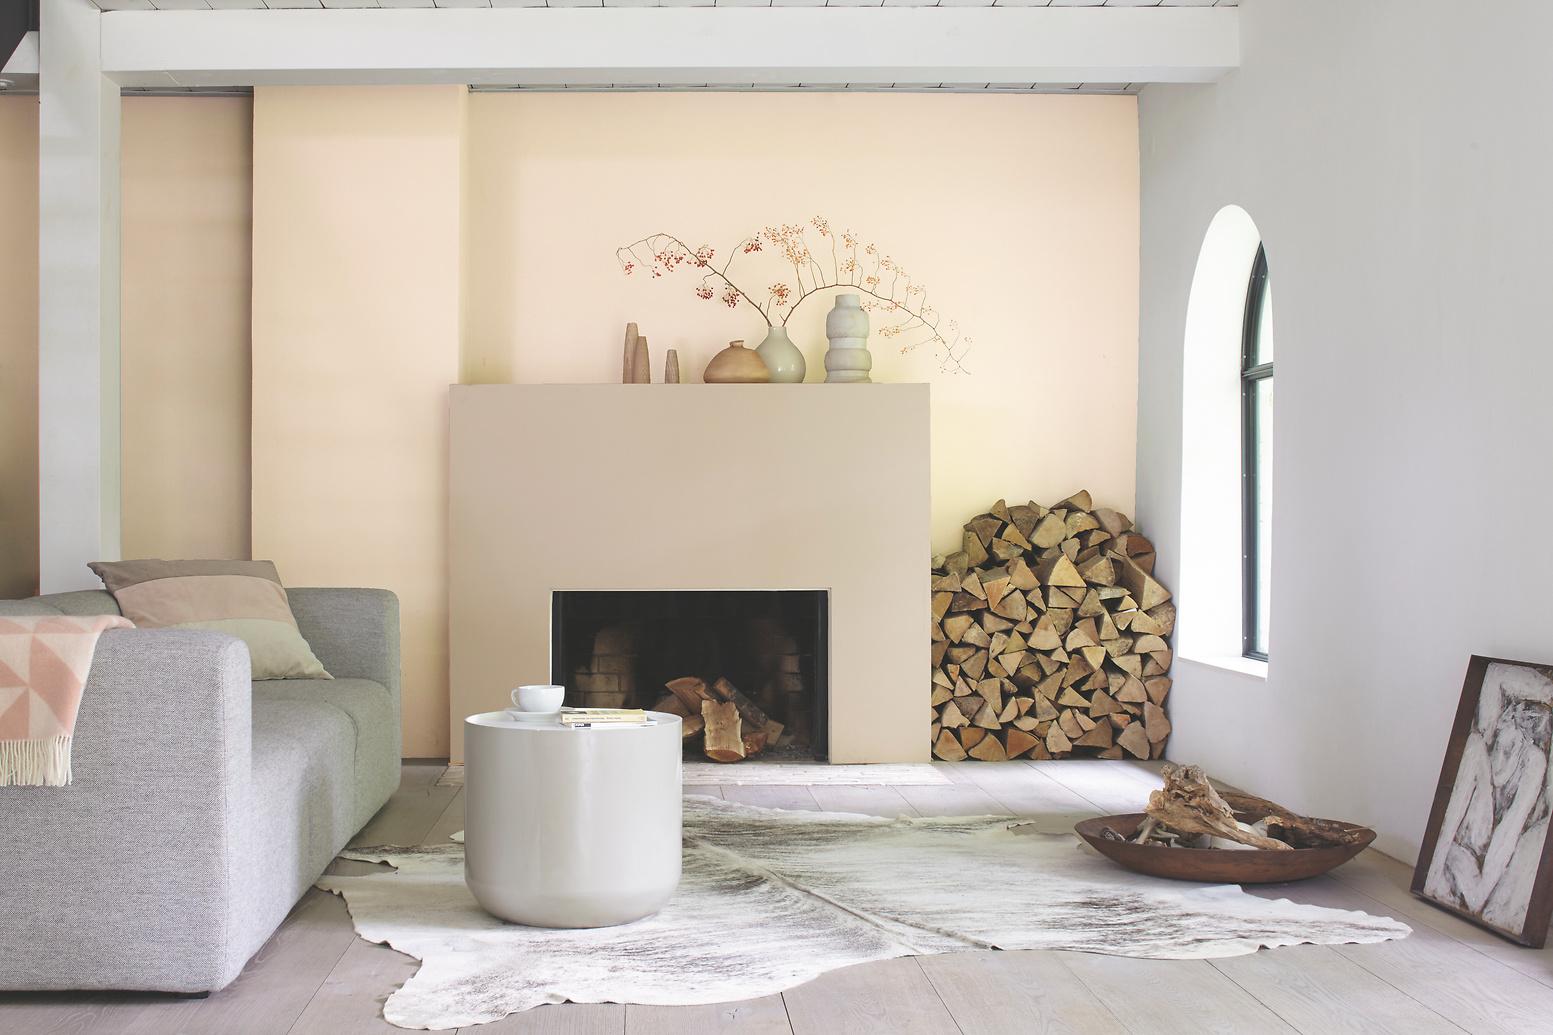 innenfarbe in braun taupe streichen alpina farbrezepte zartes puder alpina farben. Black Bedroom Furniture Sets. Home Design Ideas